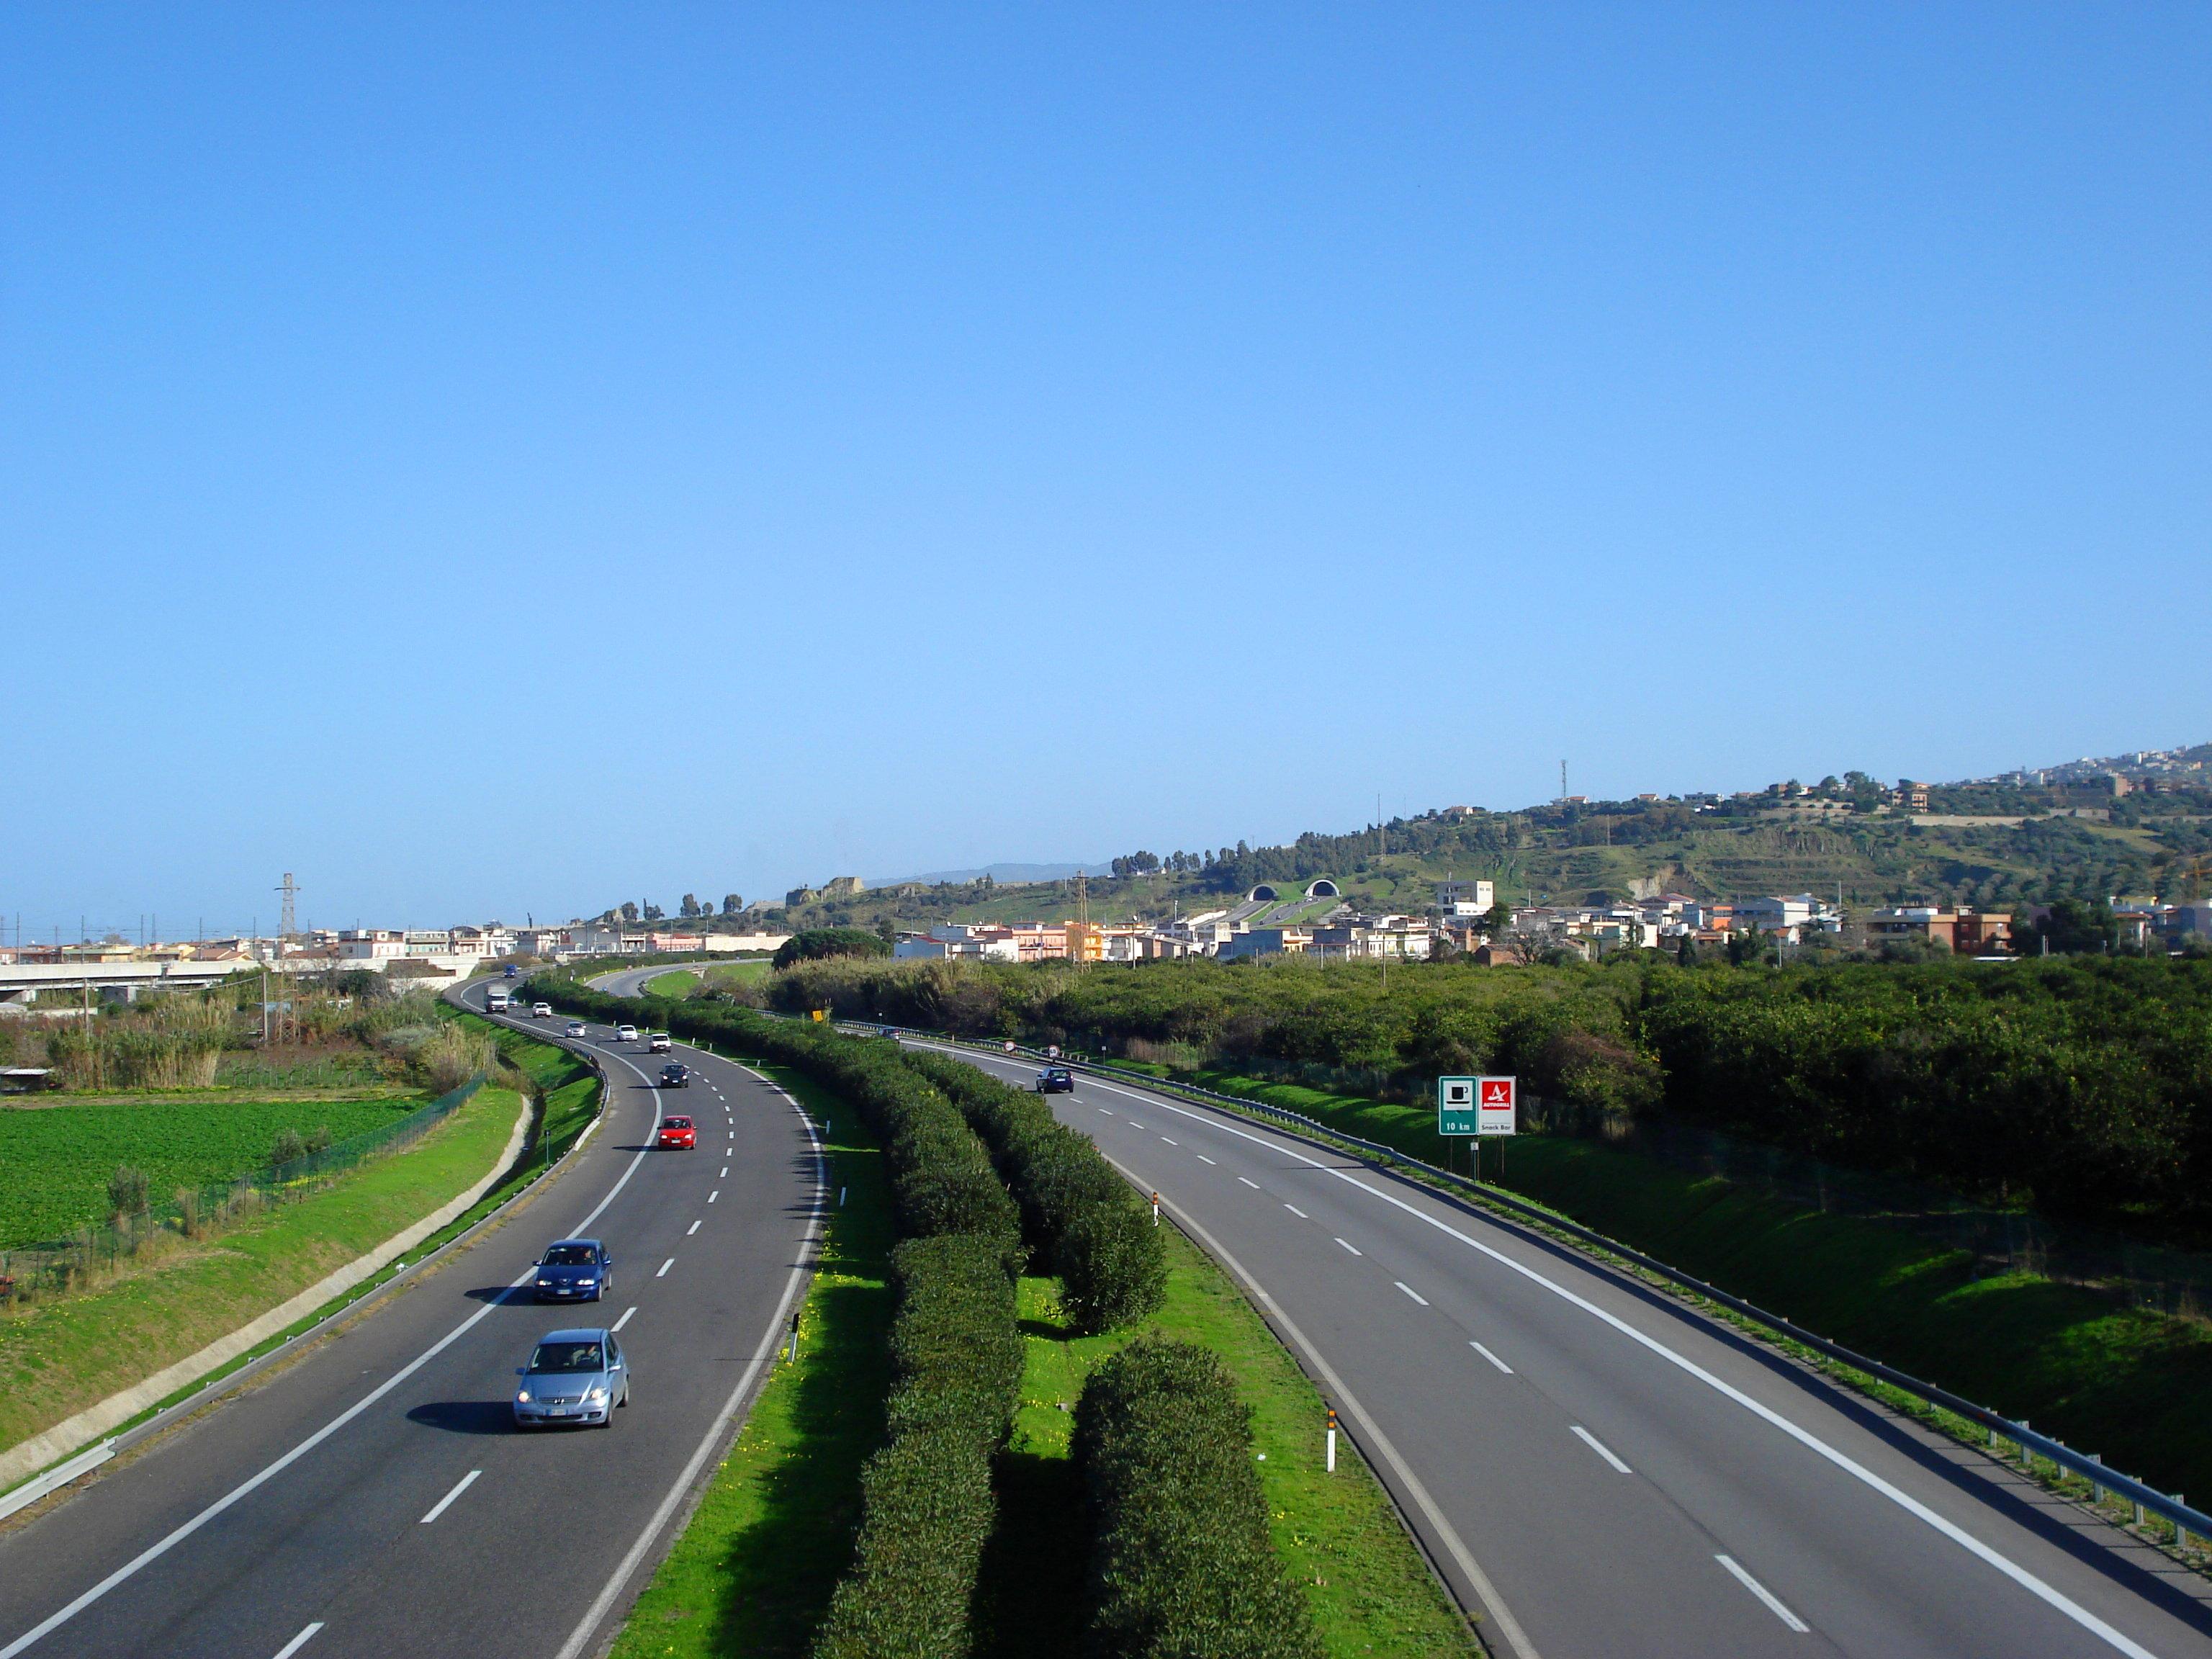 Autostrada_A20_Torregrotta